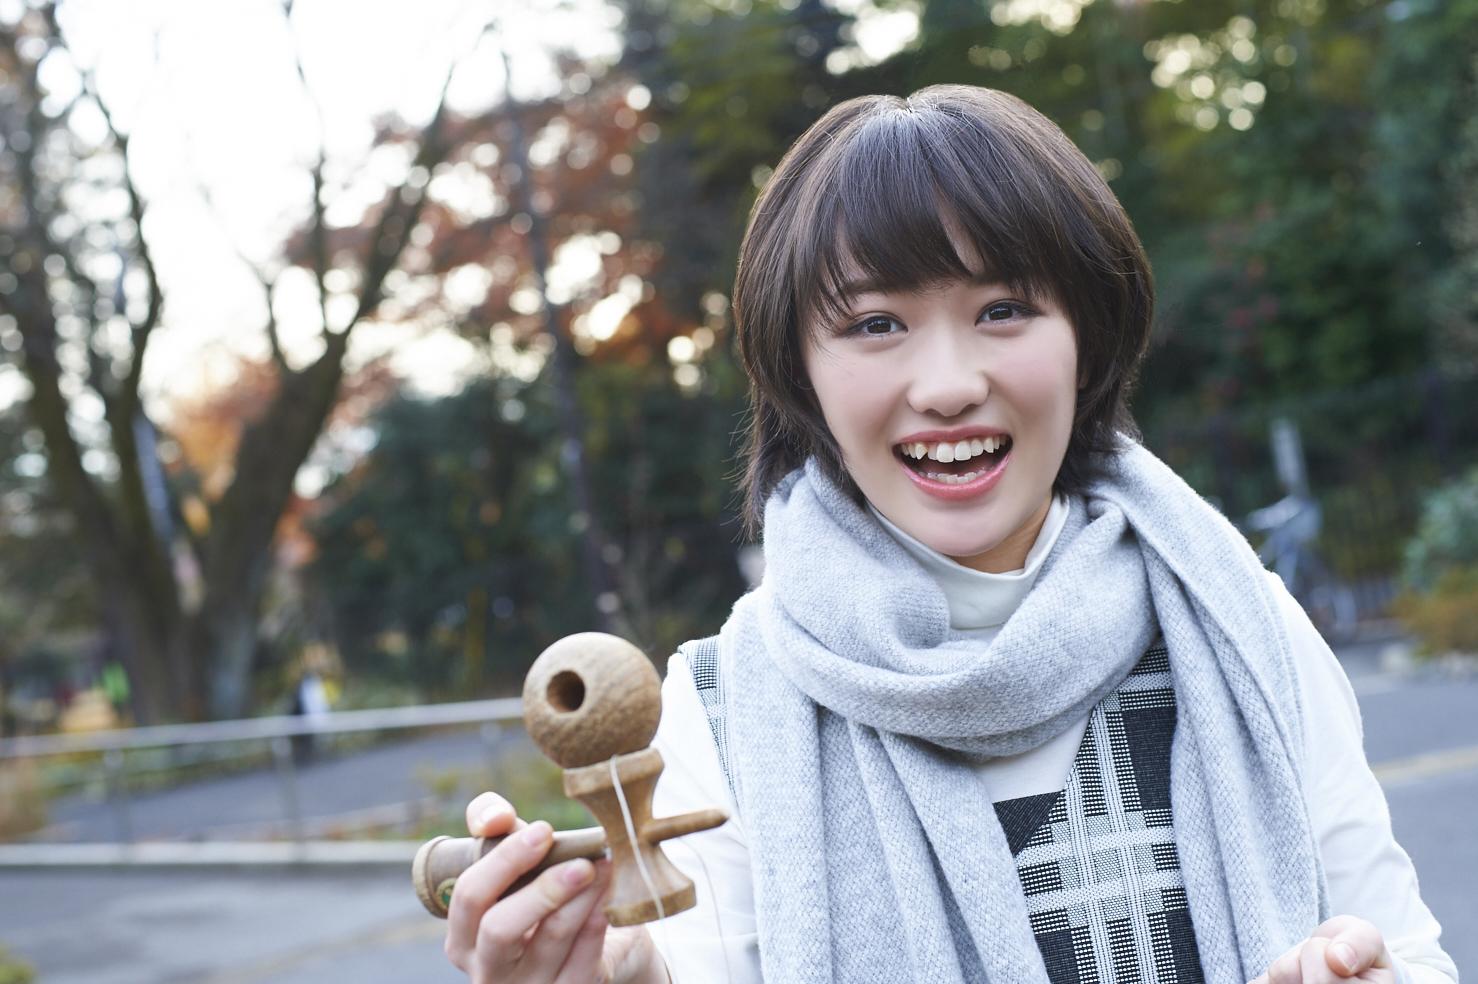 20161231_kudoharuka4_picuup_toukou